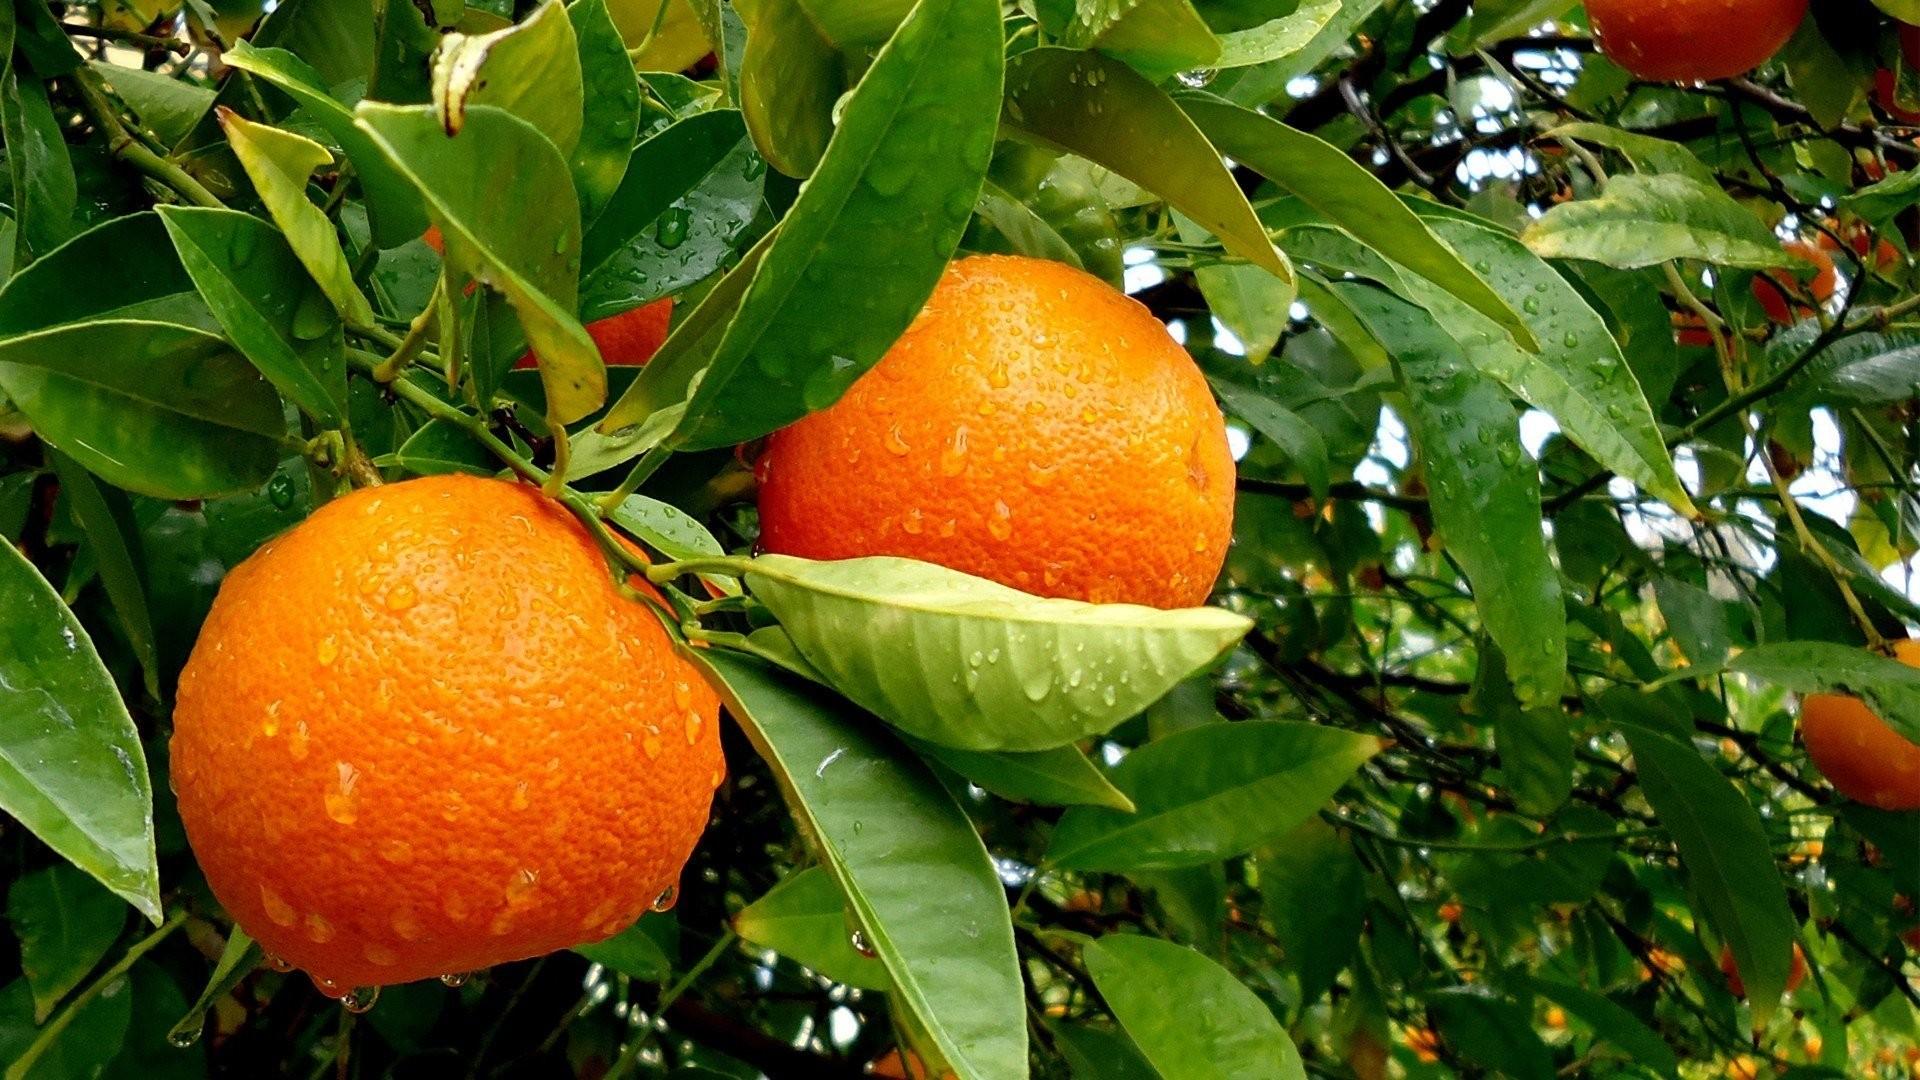 Oranges on leaves photo